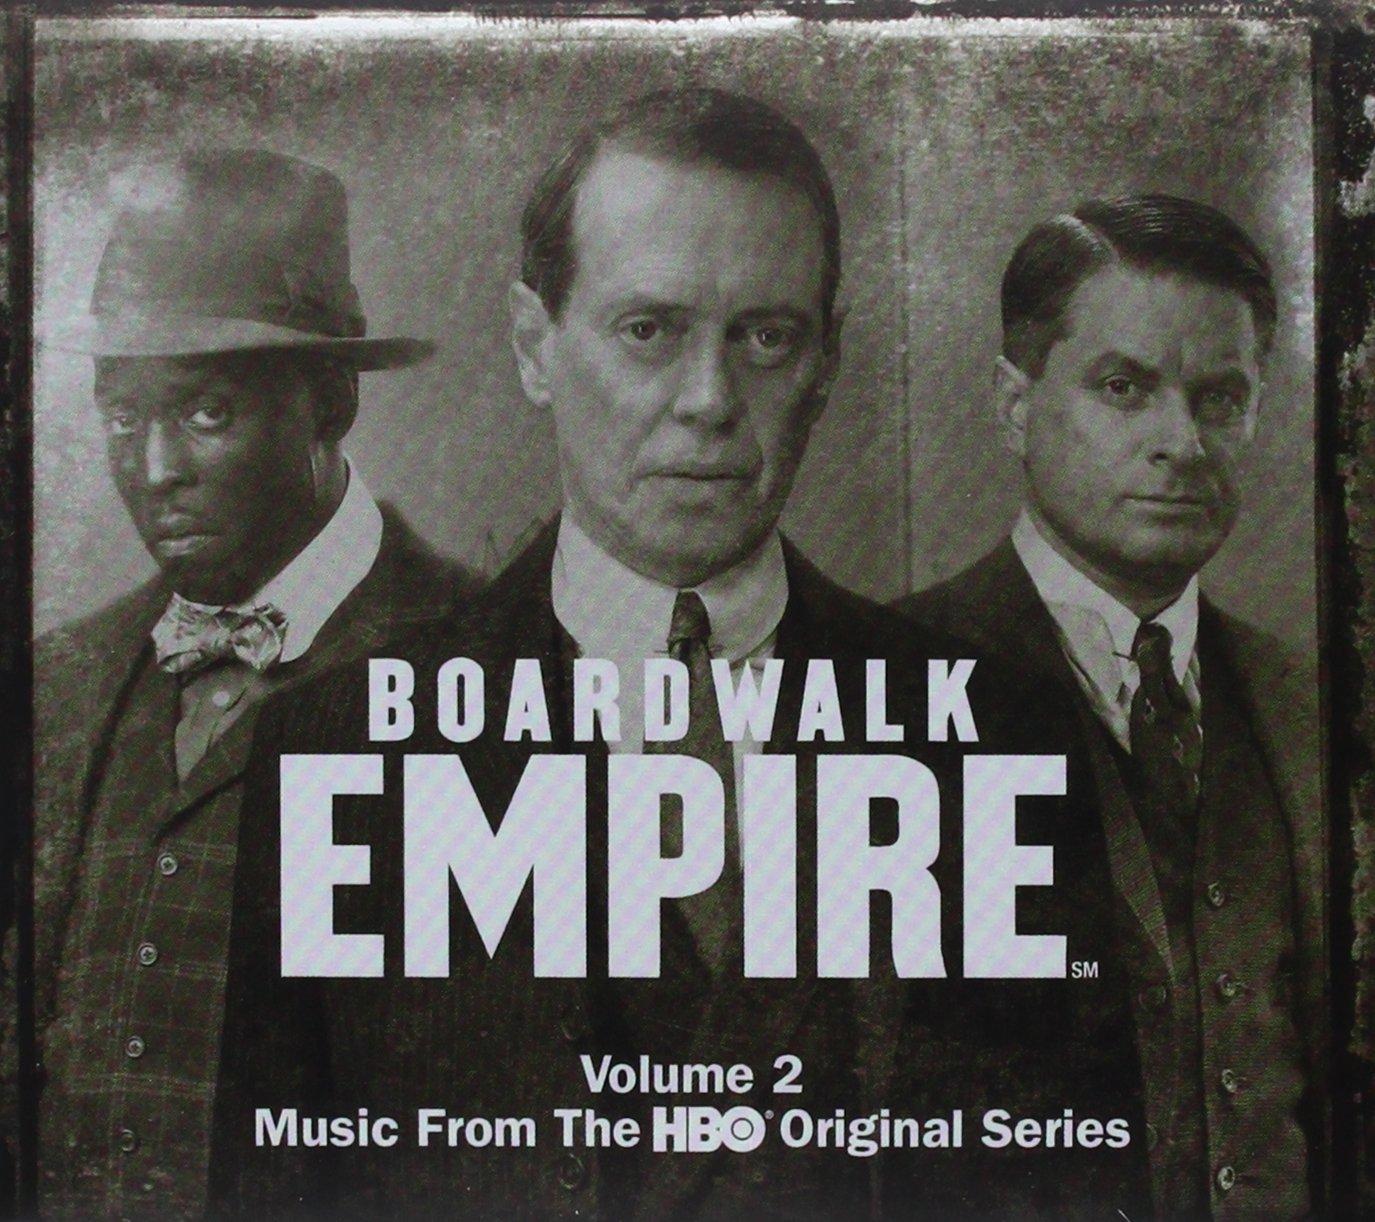 boardwalk empire soundtrack torrent download